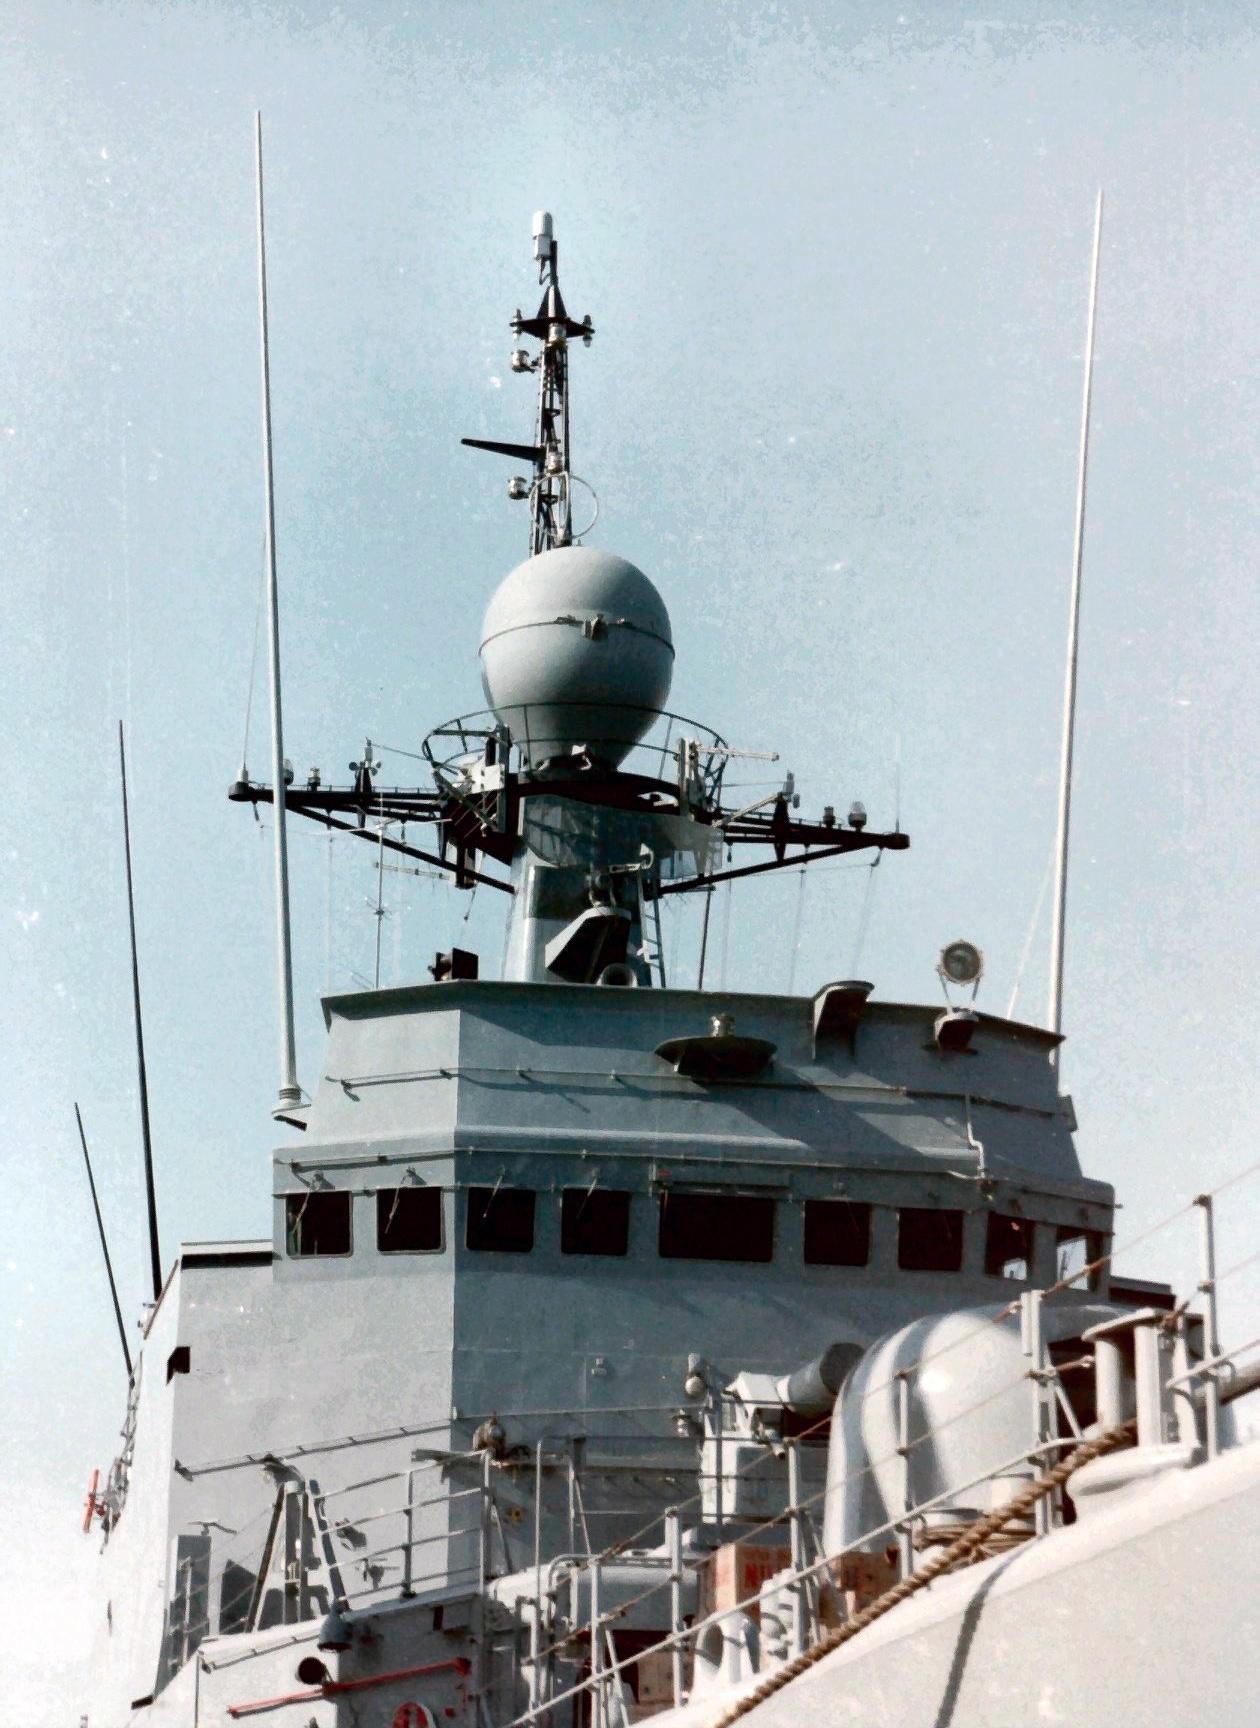 Royal Moroccan Navy Descubierta Frigate / Corvette Lt Cl Errahmani - Bâtiment École - Page 4 Clipb532